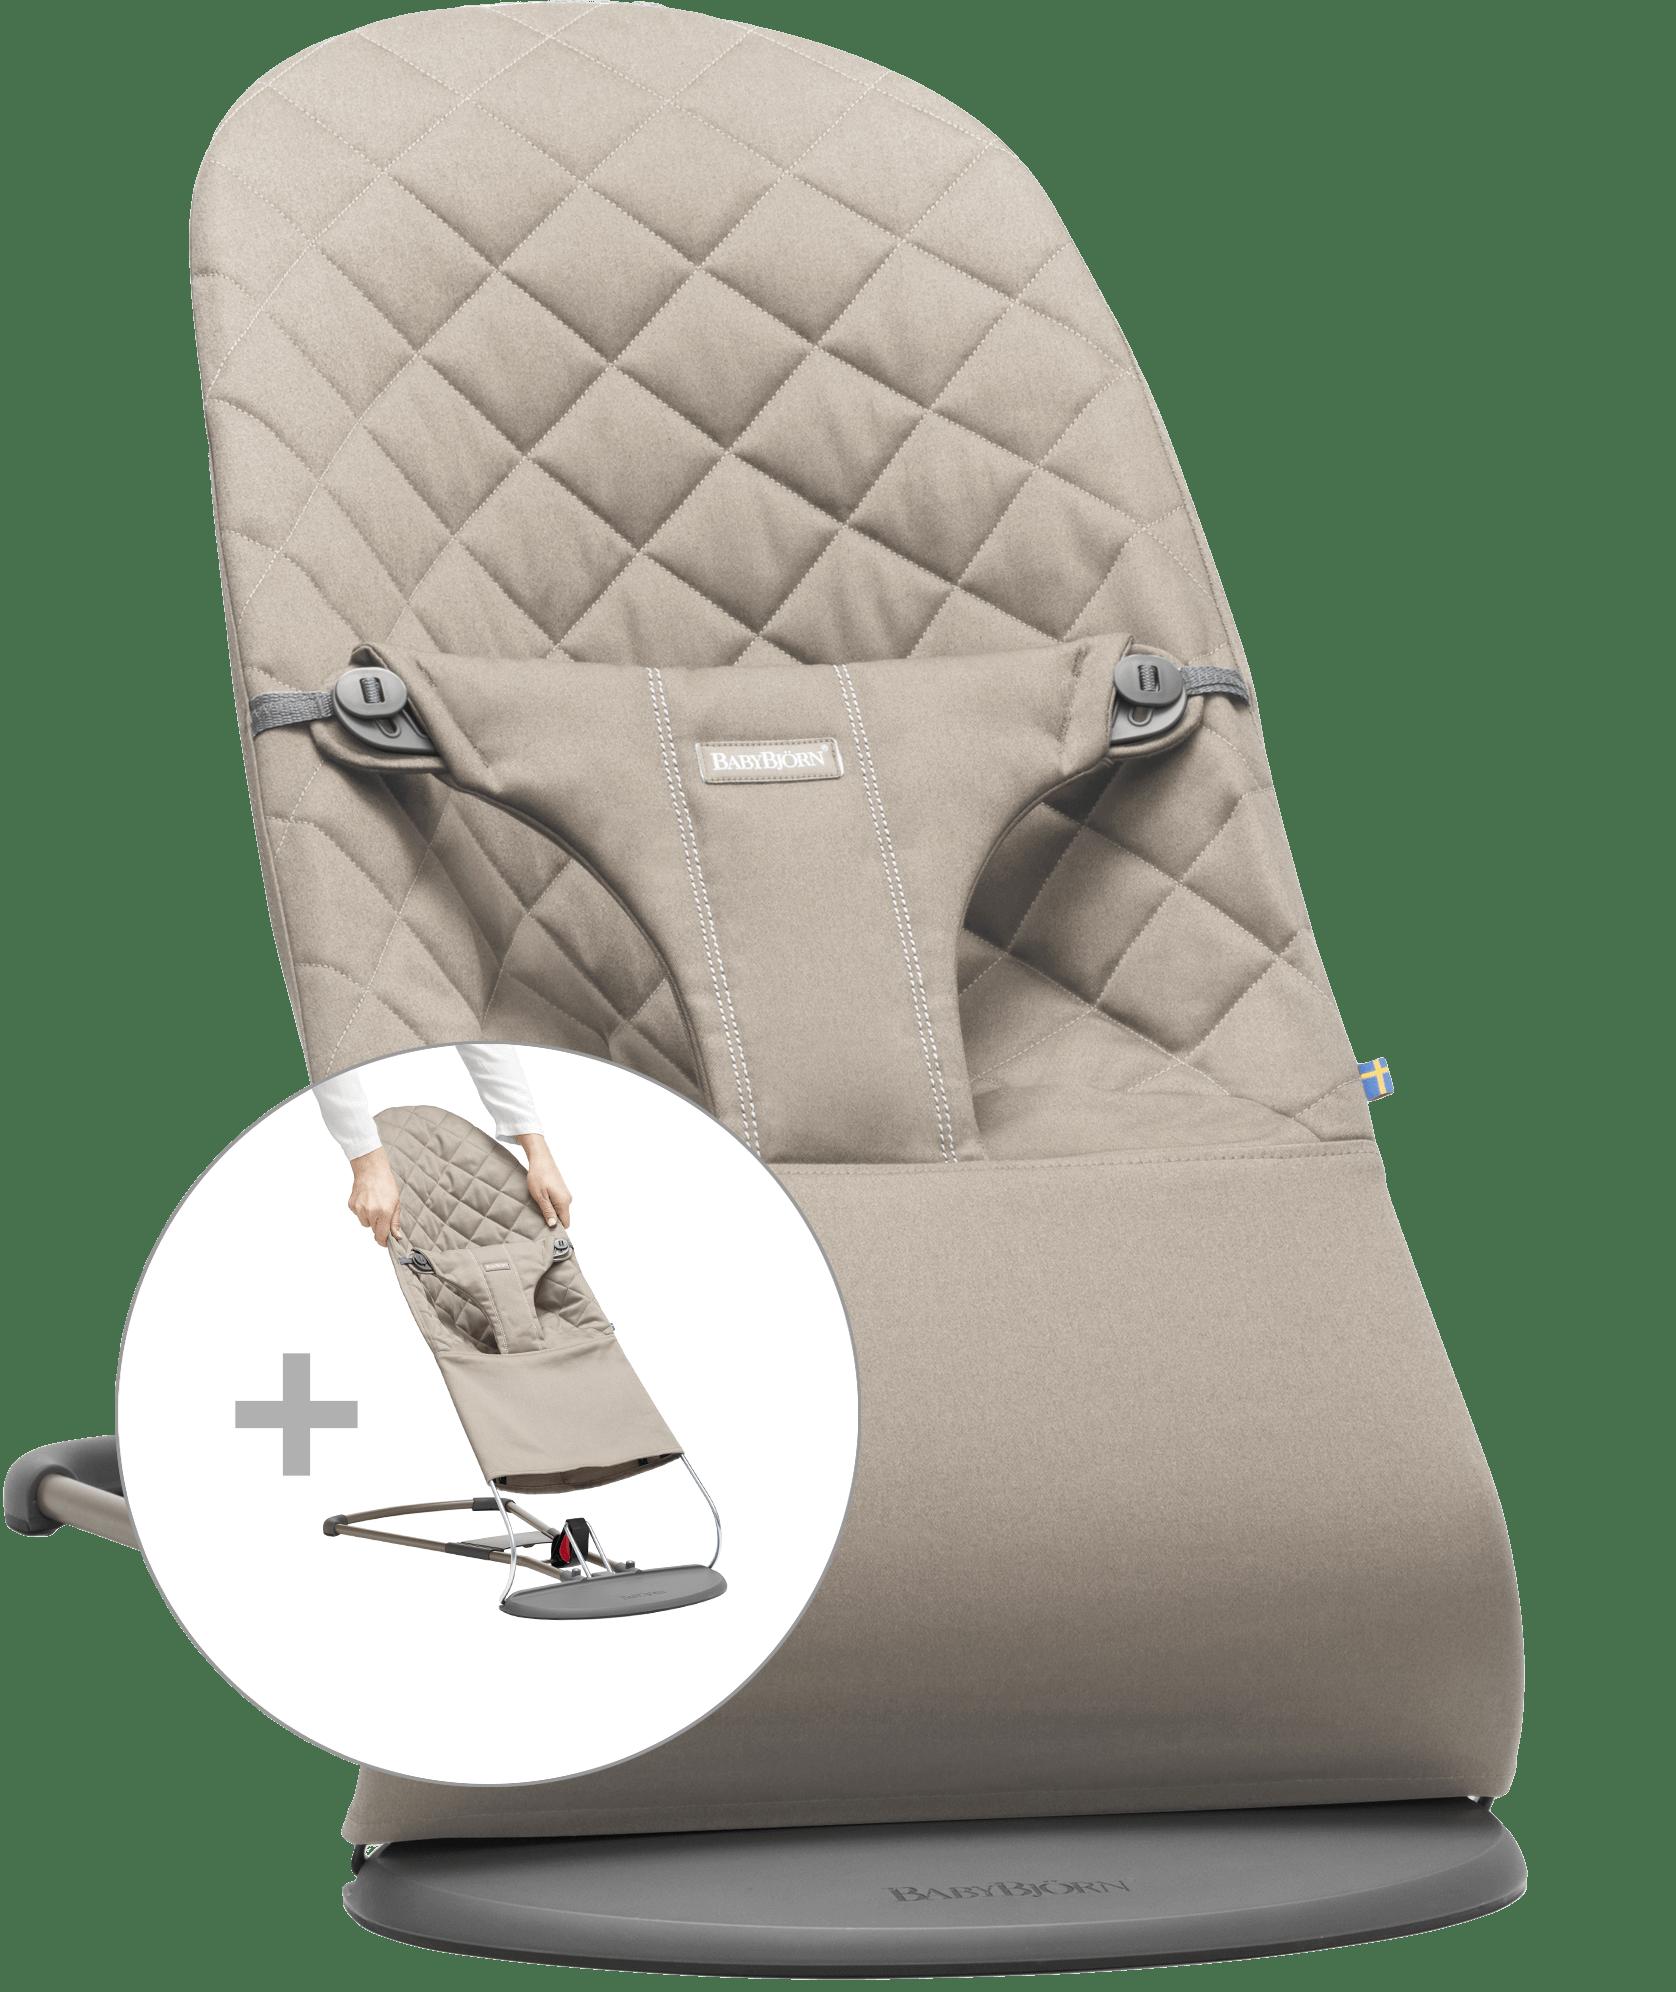 BABYBJÖRN Babywippe mit zusätzlichem Stoffsitz - Sandgrau, Baumwolle